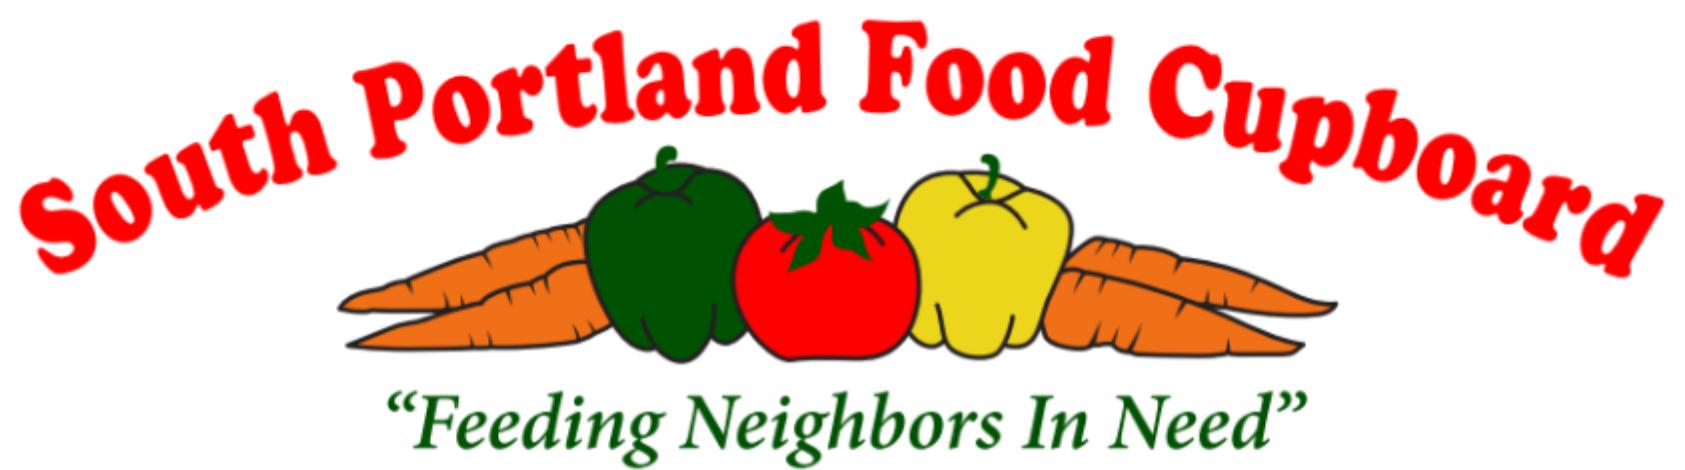 South Portland Food Cupboard